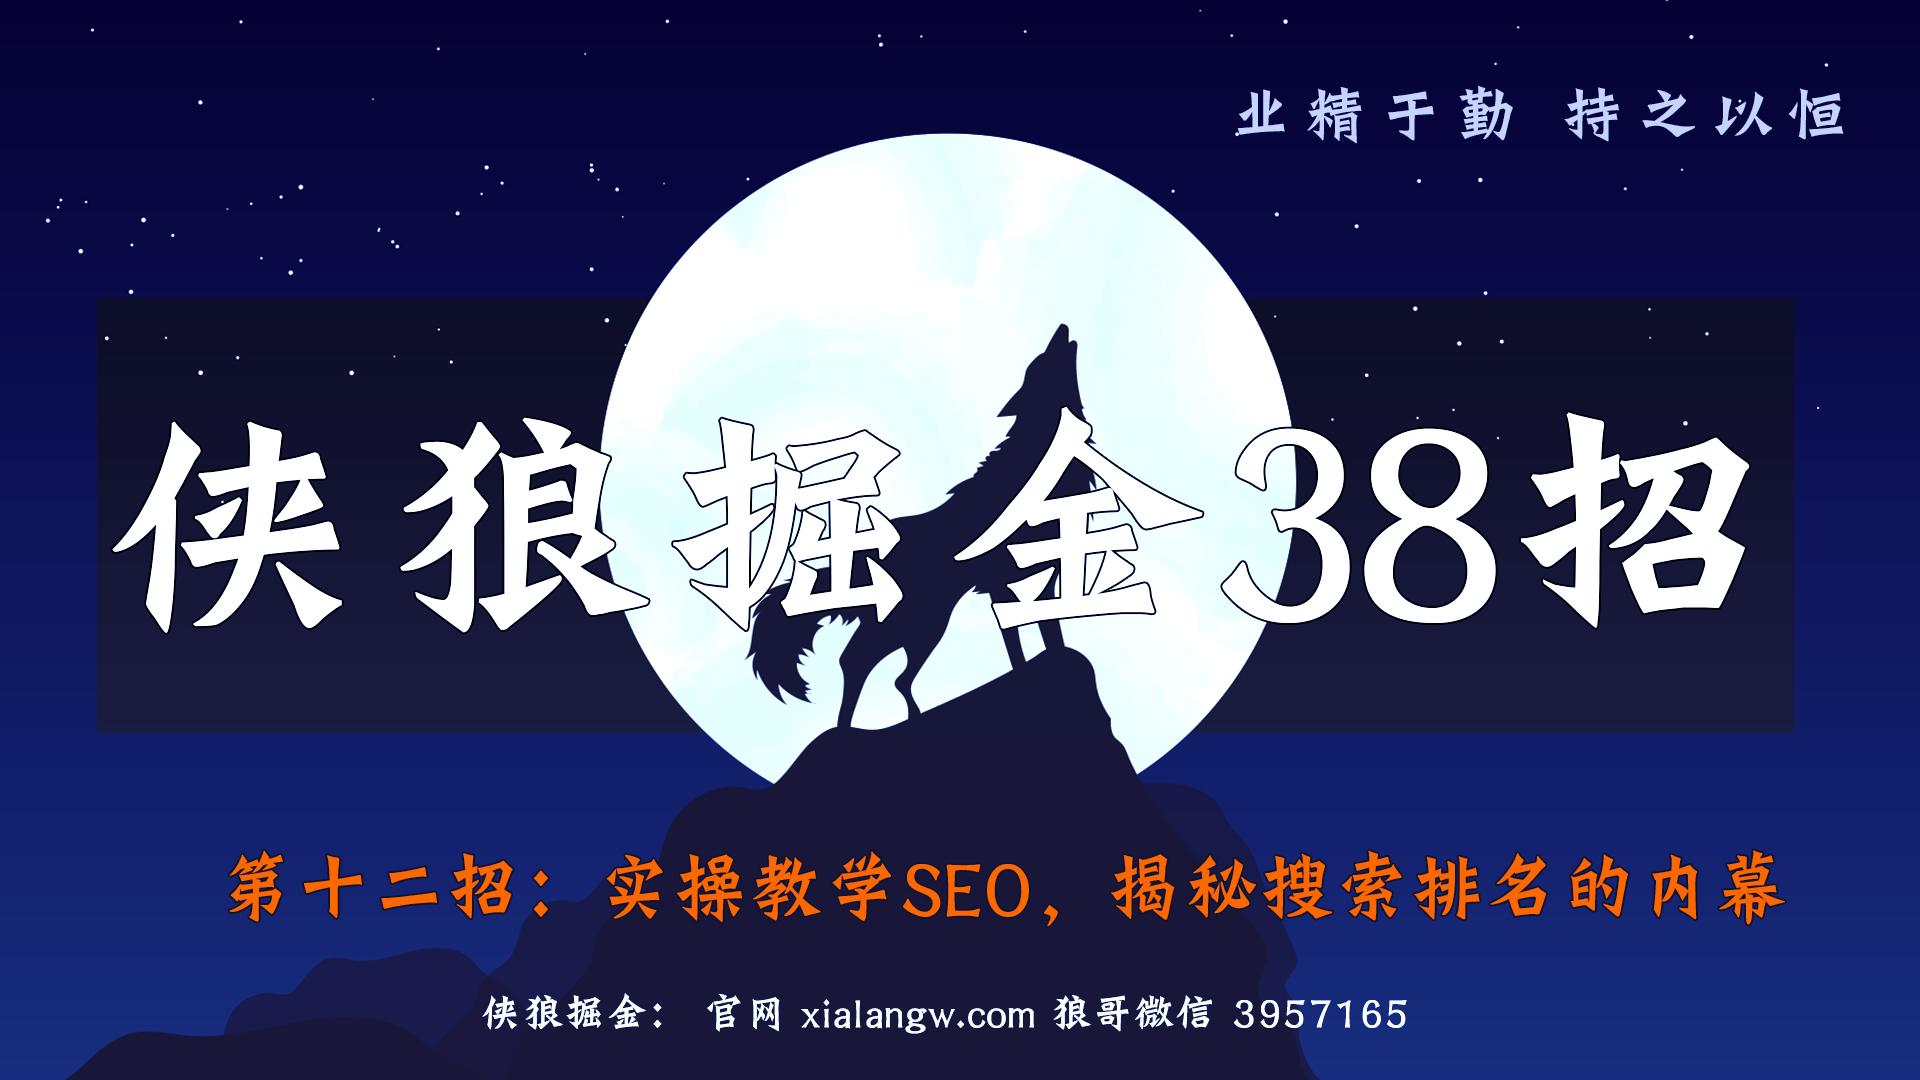 侠狼掘金38招第12招实操教学SEO,揭秘搜索排名的内幕